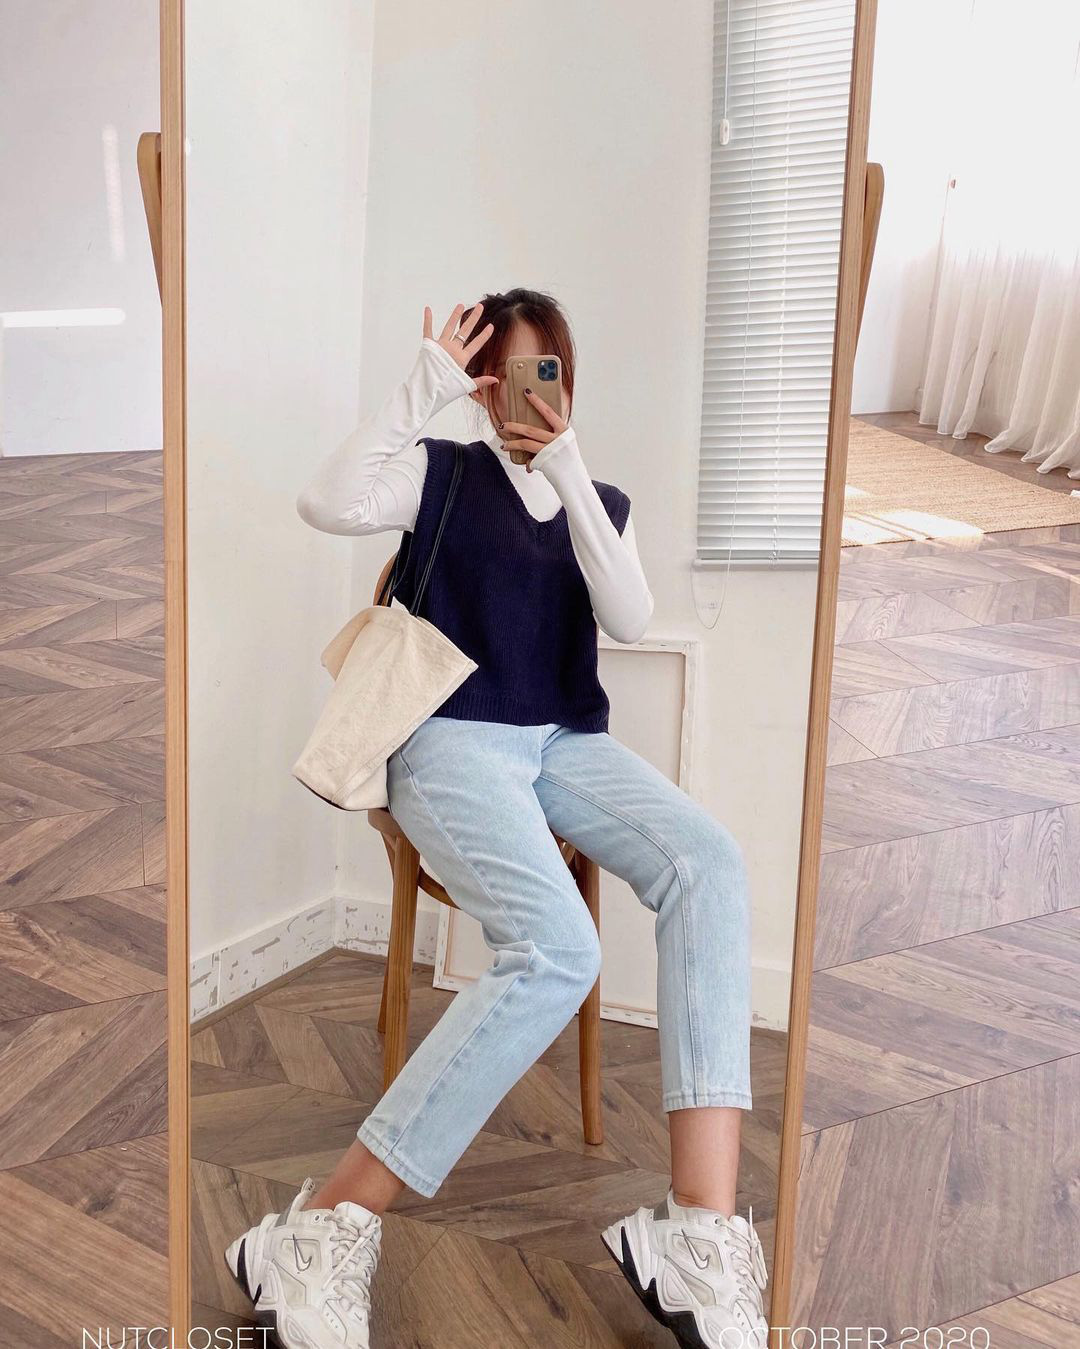 10 set đồ với quần jeans đáng sắm nhất tại các shop lúc này, giá cả thì cực kỳ yêu thương - Ảnh 6.